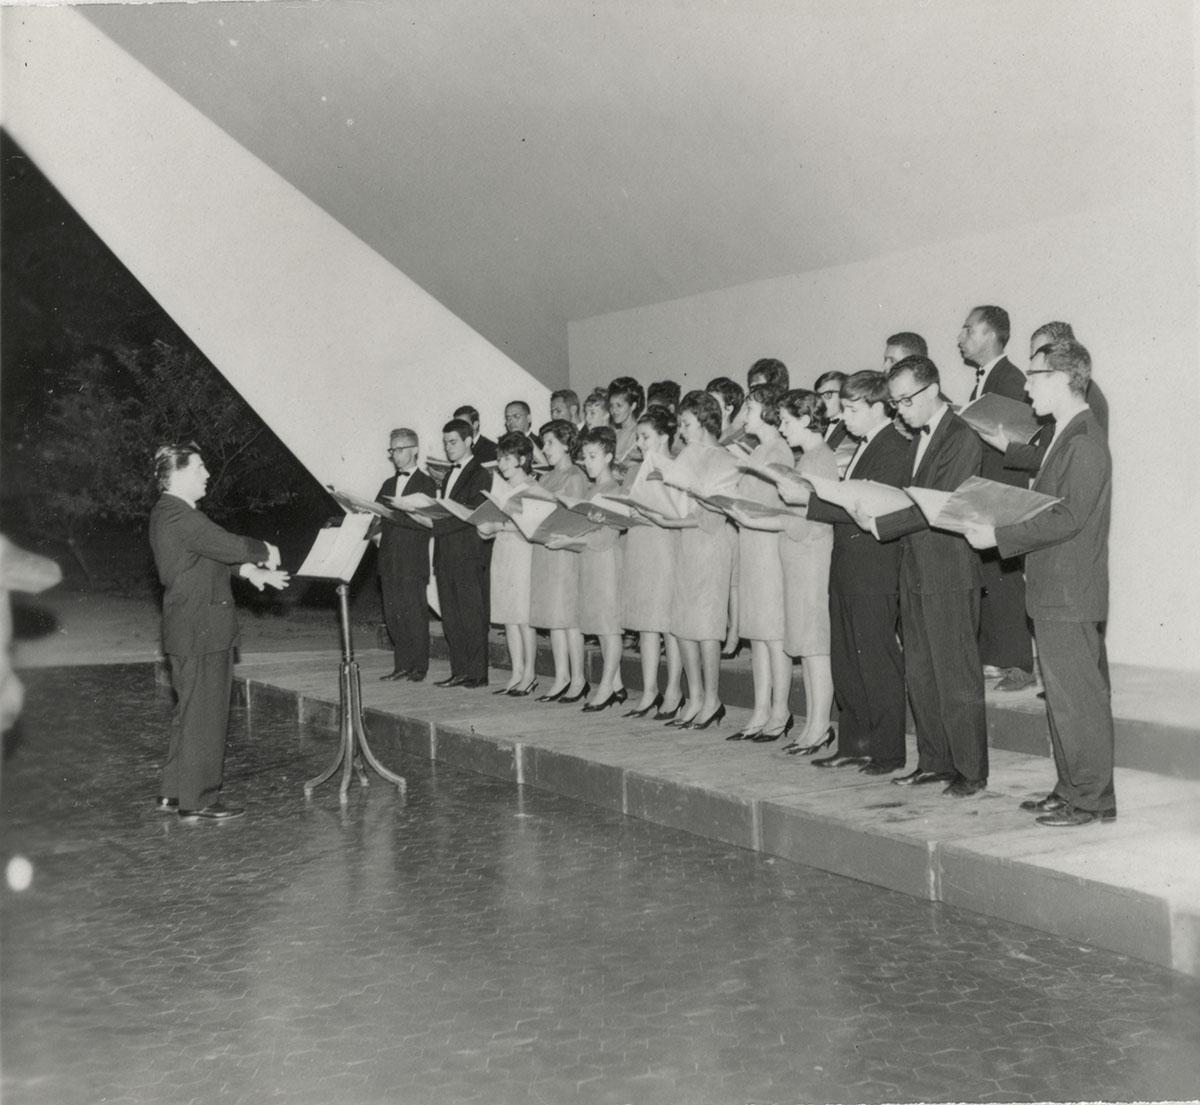 Apresentação do Madrigal de Brasília na Concha Acústica, 1963.